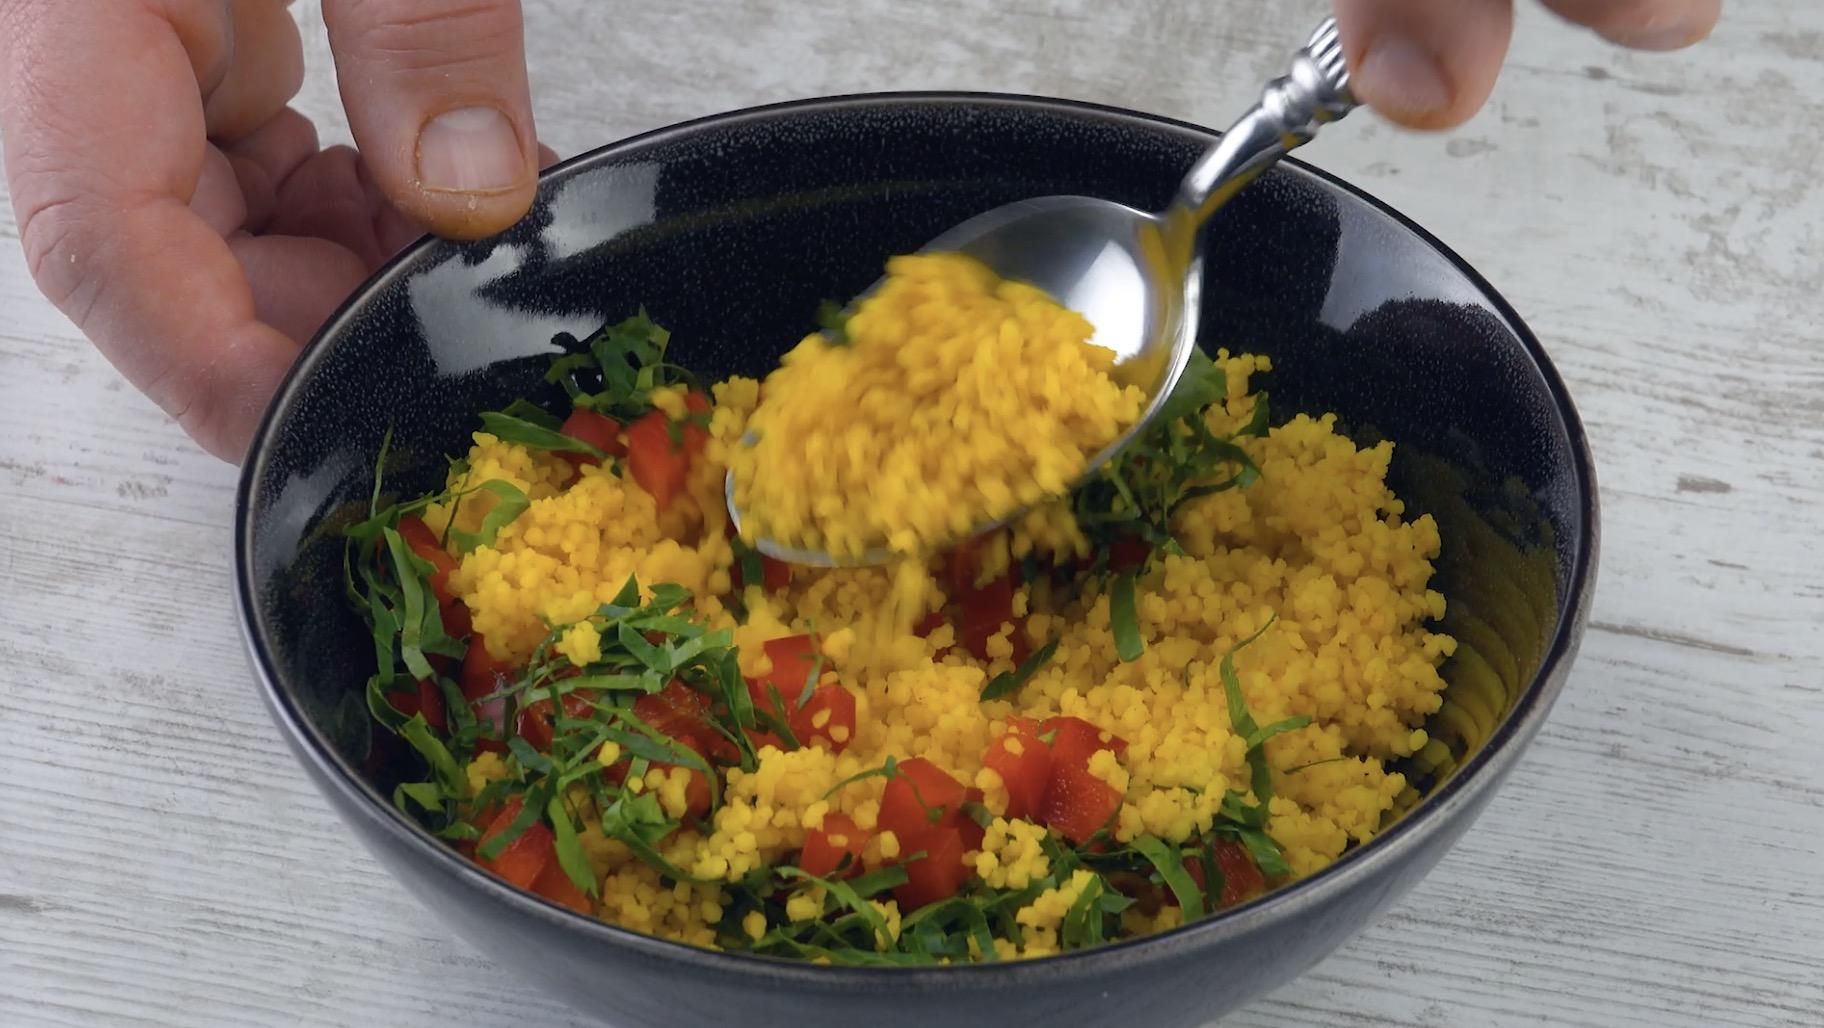 Misture o cuscuz com pimentão e salsa